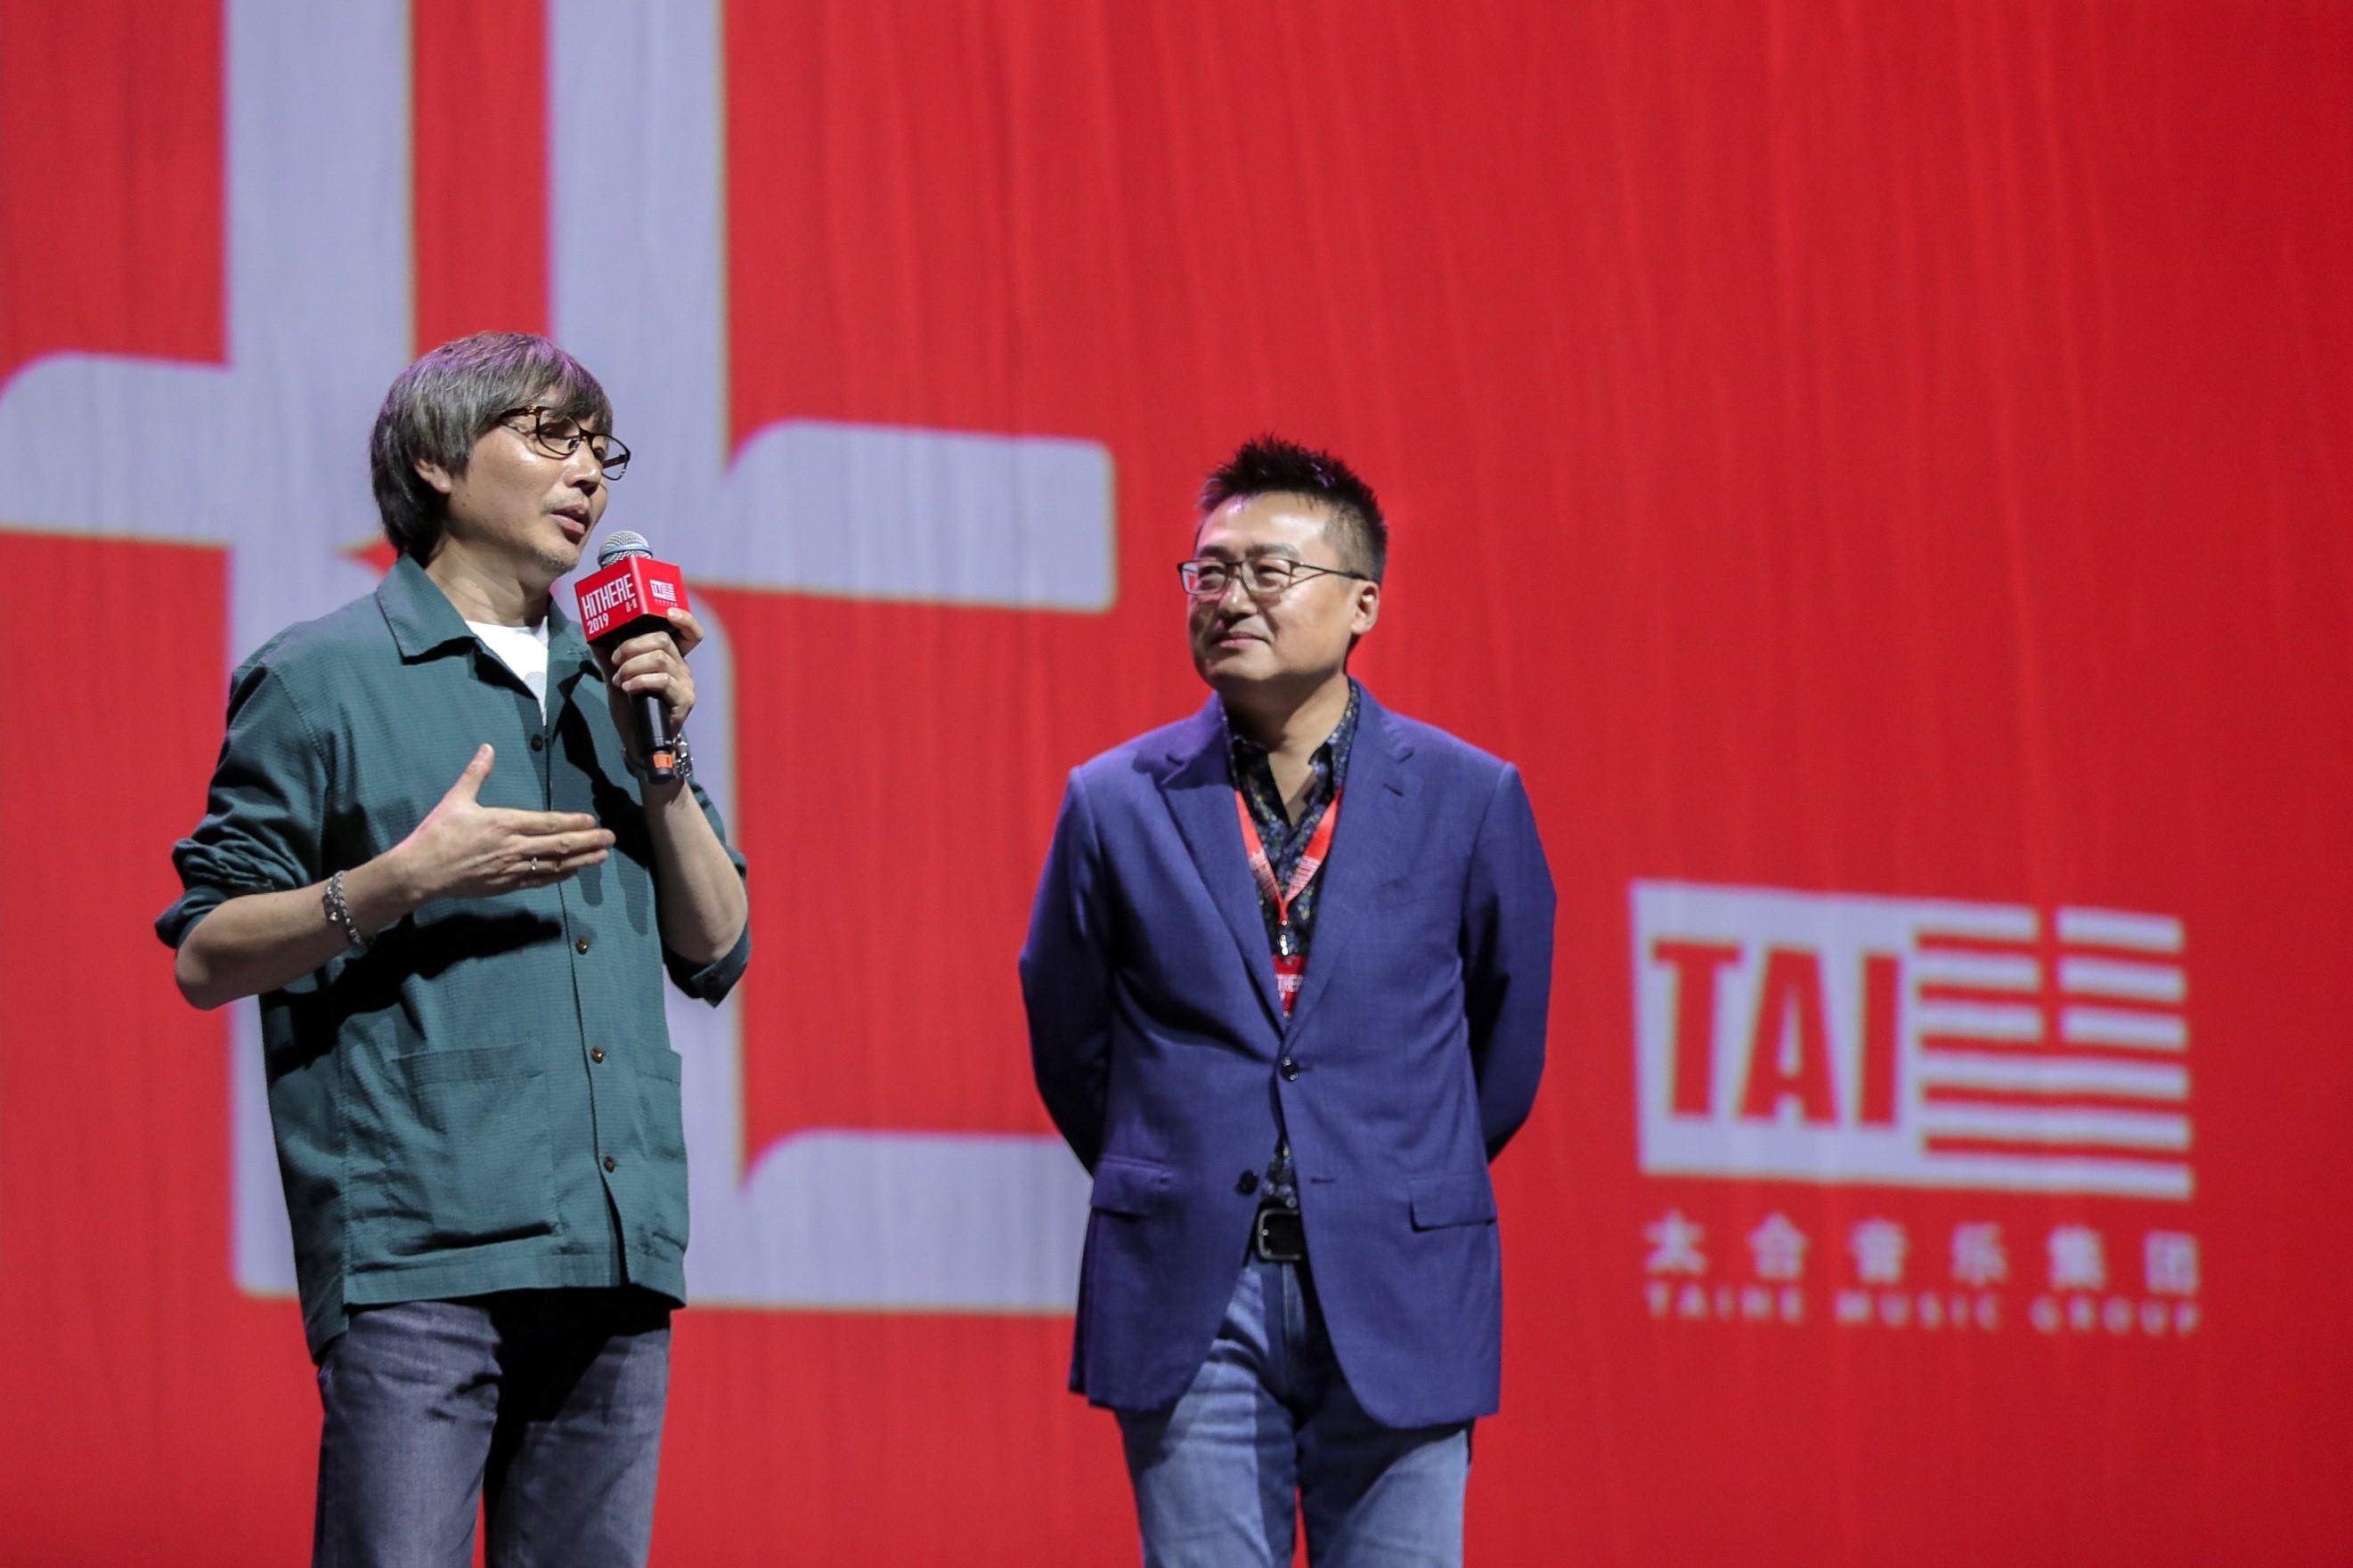 张亚东加盟太合音乐集团